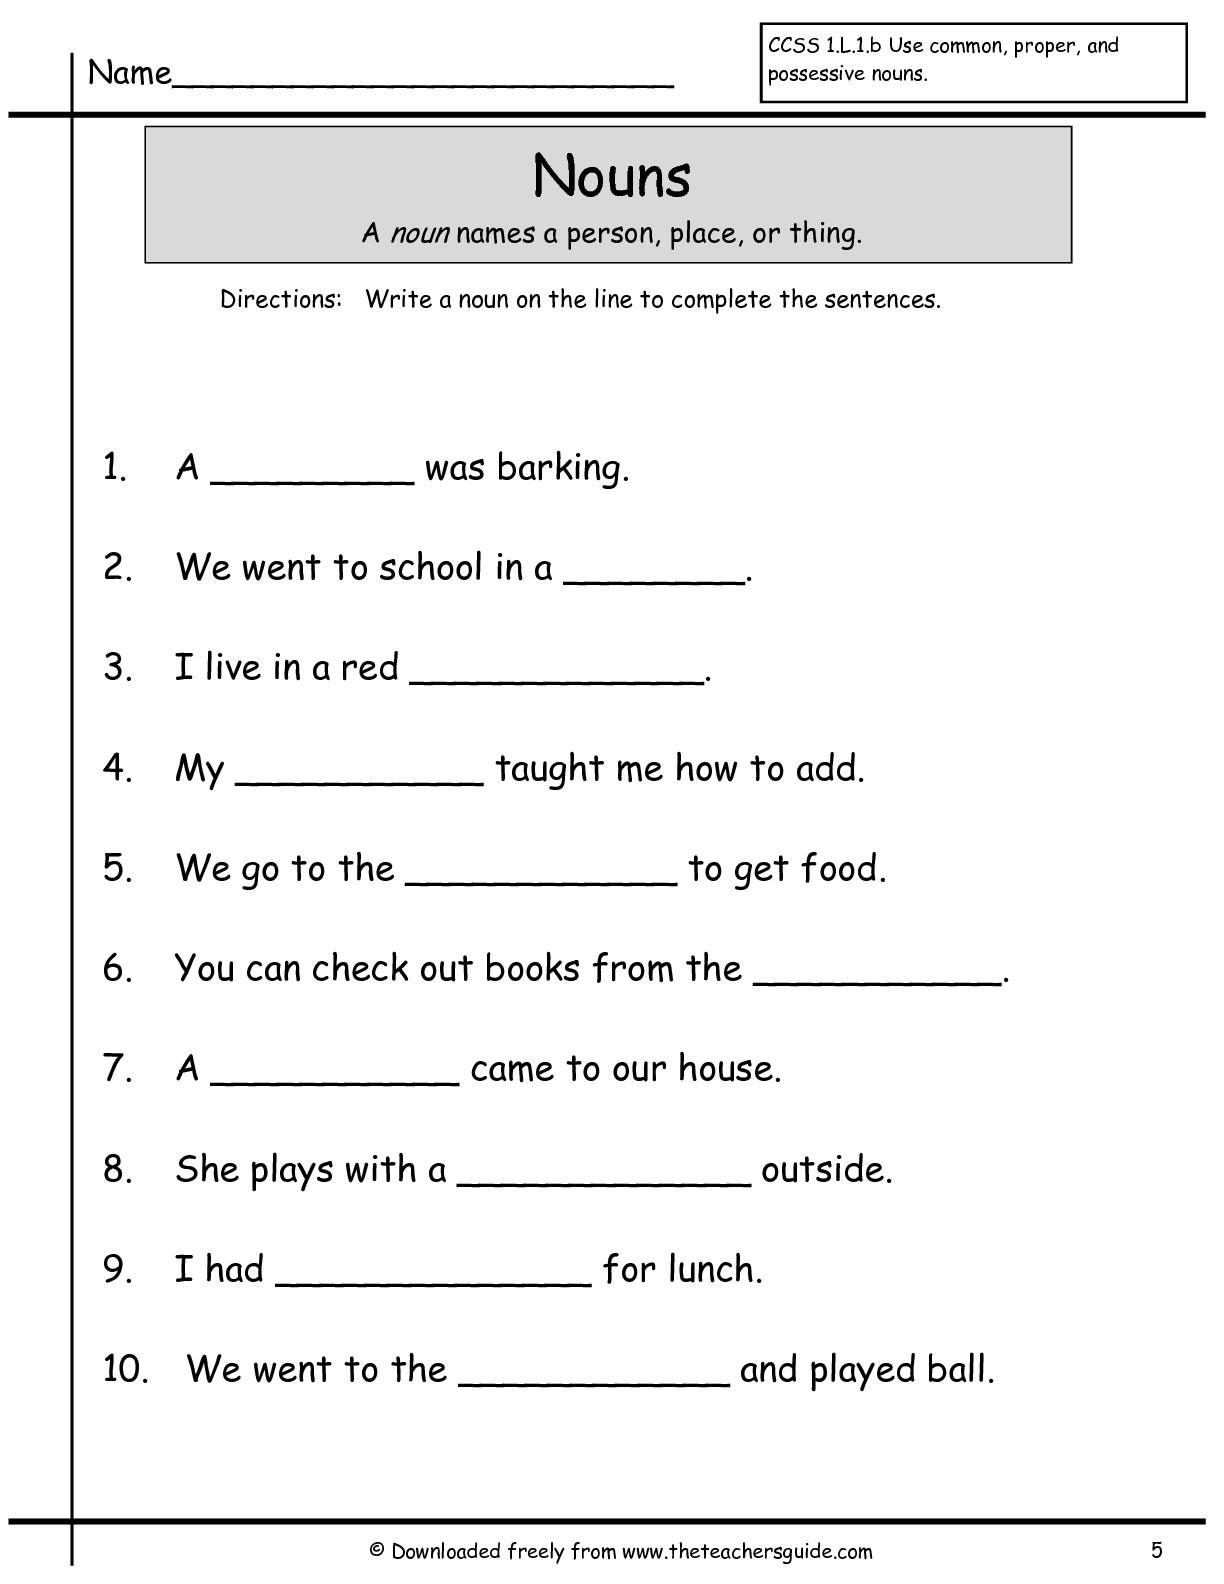 15 Best Images Of Reading Worksheets Grammar Test